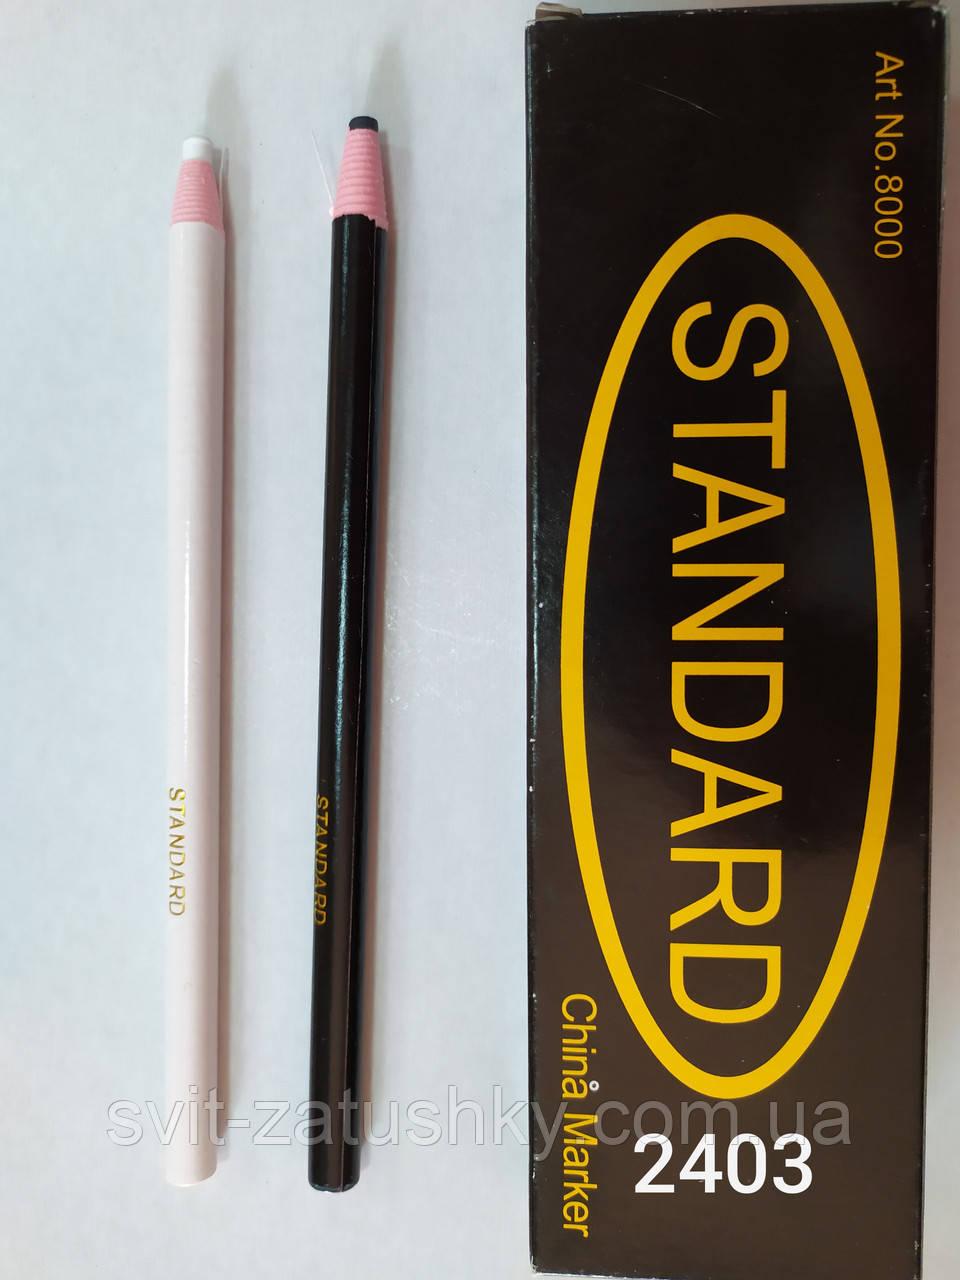 Олівець для малювання на тканині